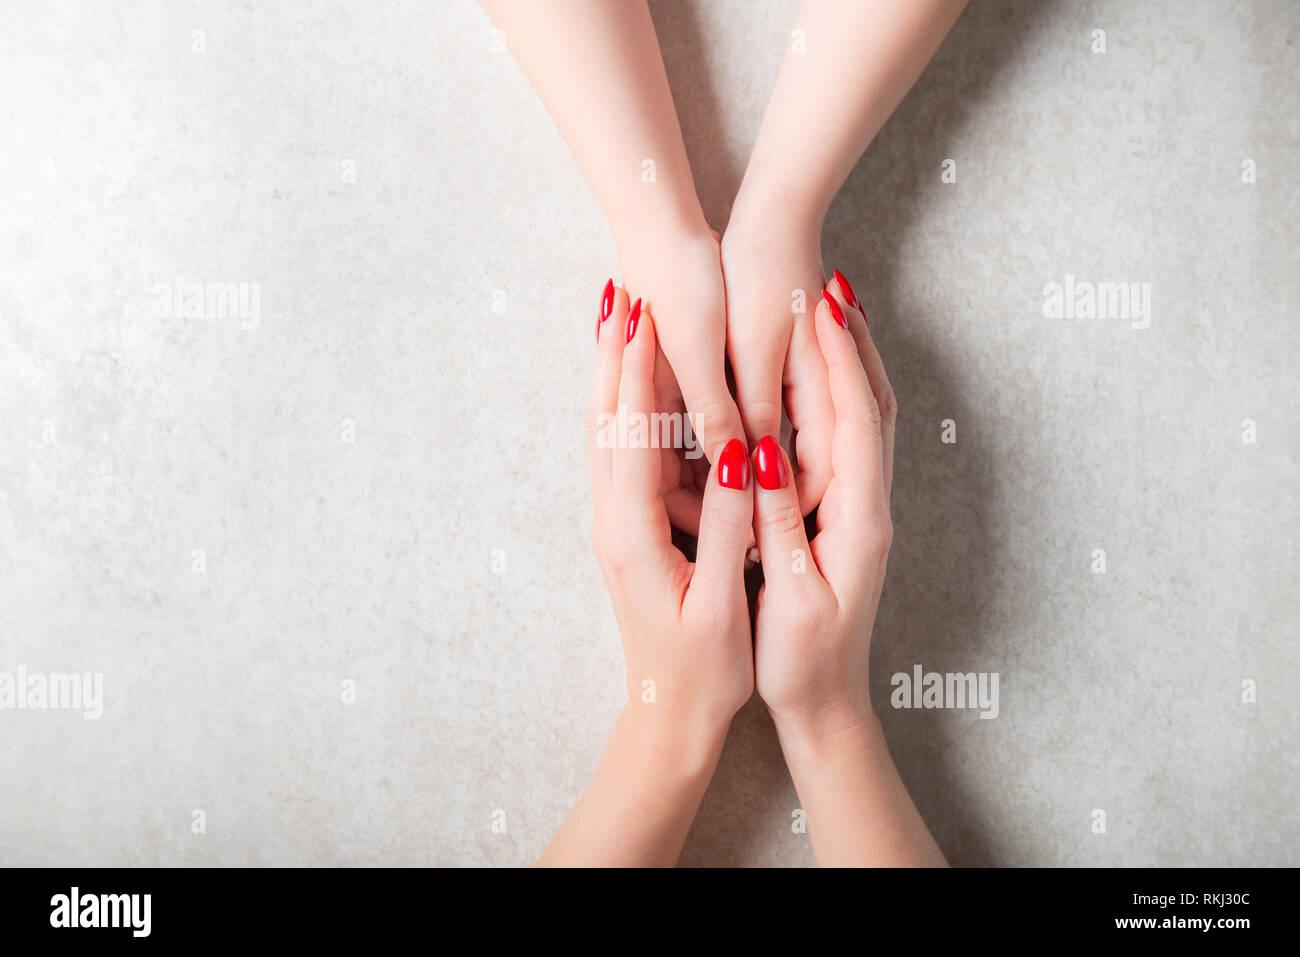 Mutter hält ihre Kinder Hände, Muttertag oder Beziehung Konzept Stockfoto